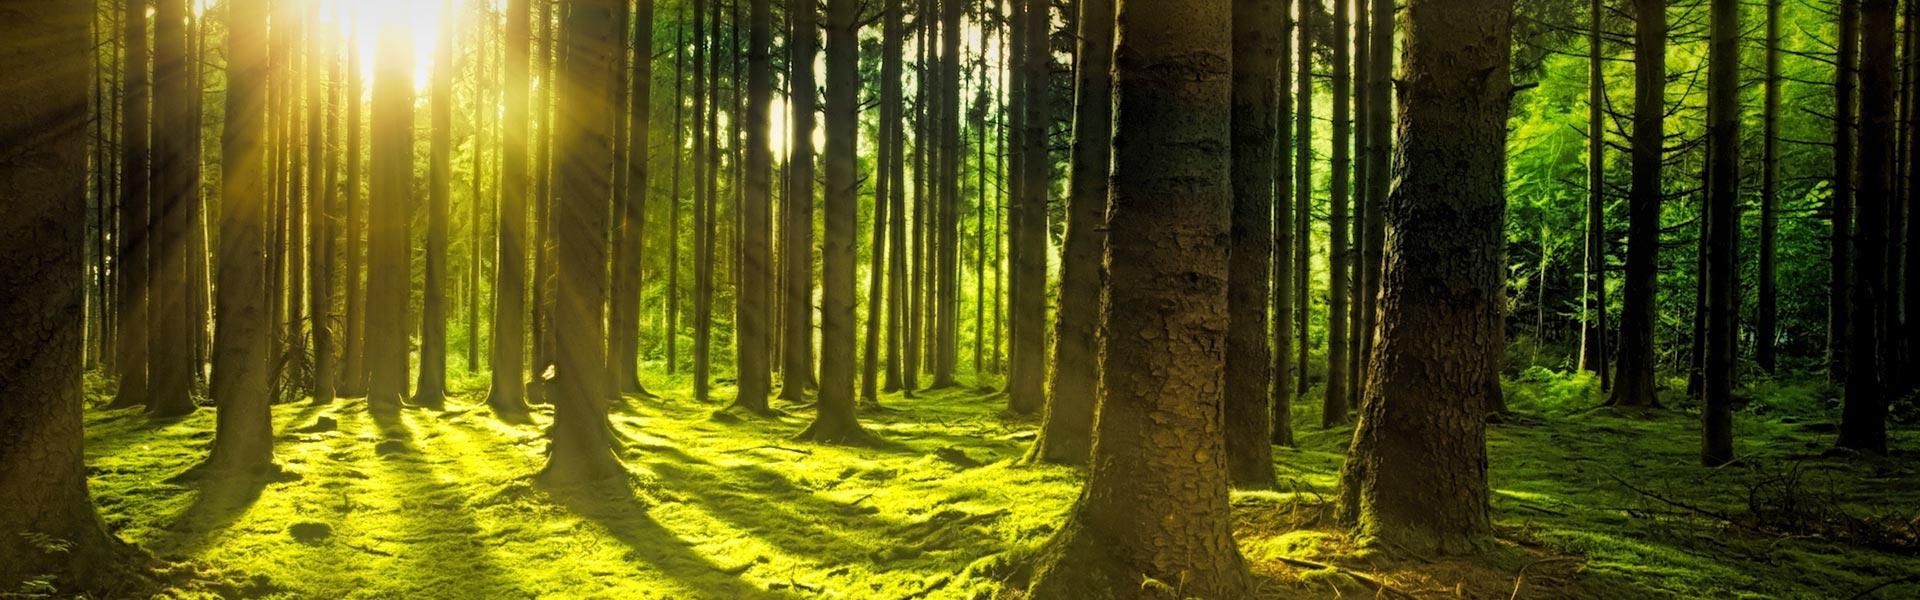 L'impegno per uno sviluppo sostenibile appresenta per la Brizzi Distribuzione un'importante variabile nella gestione dell'azienda